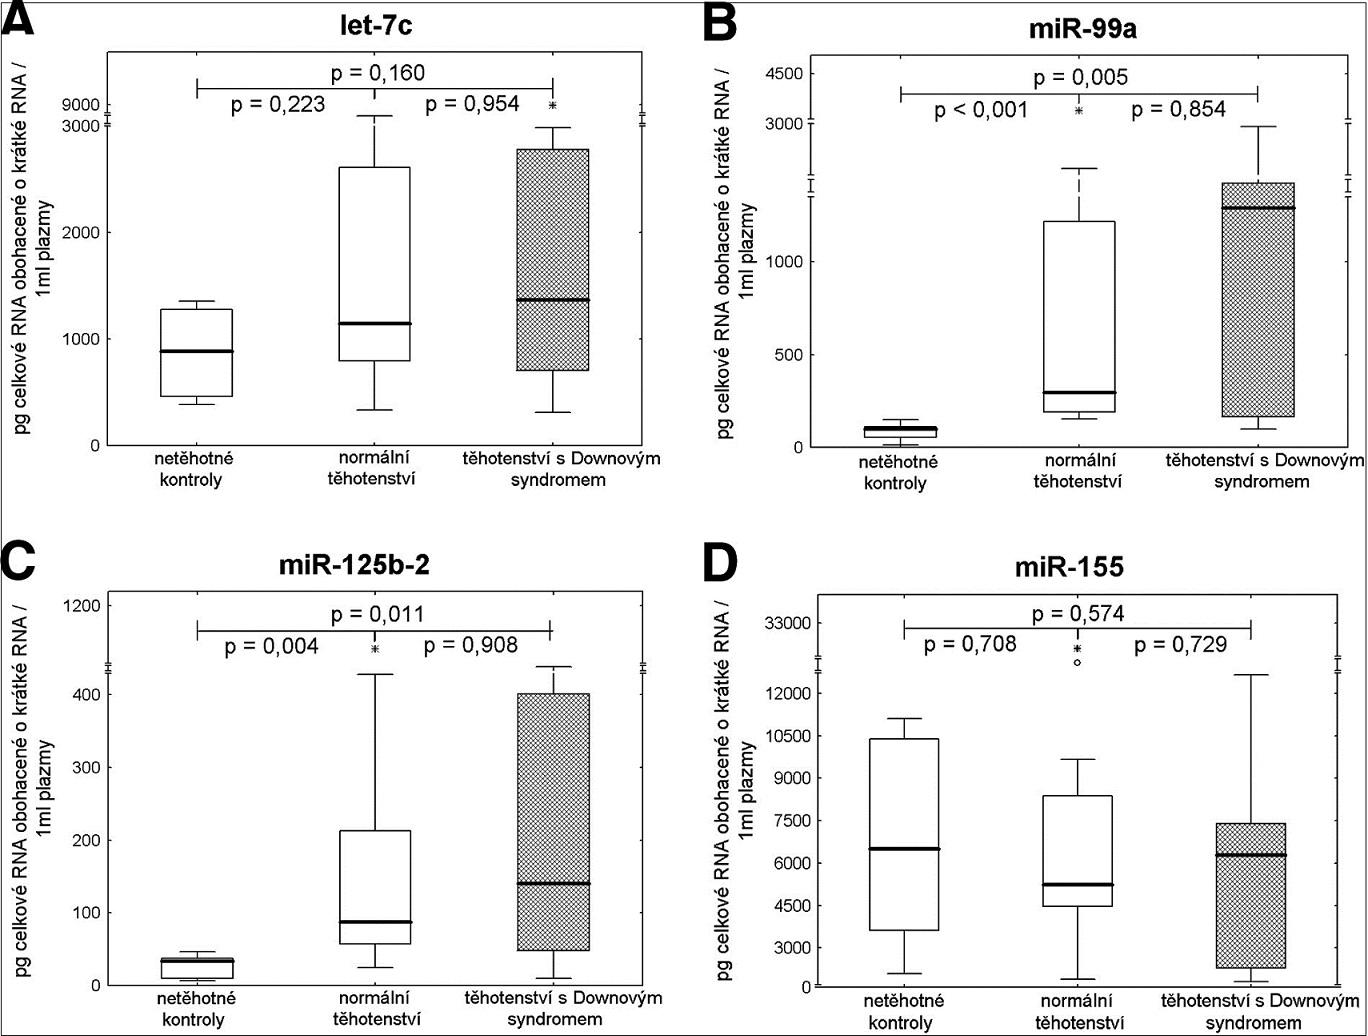 Detekce extracelulárních chromozom 21 specifických mikroRNA u těhotenství s euploidním a aneuploidním plodem (trizomie 21) a zdravých žen bez známek těhotenství – absolutní kvantifikace.